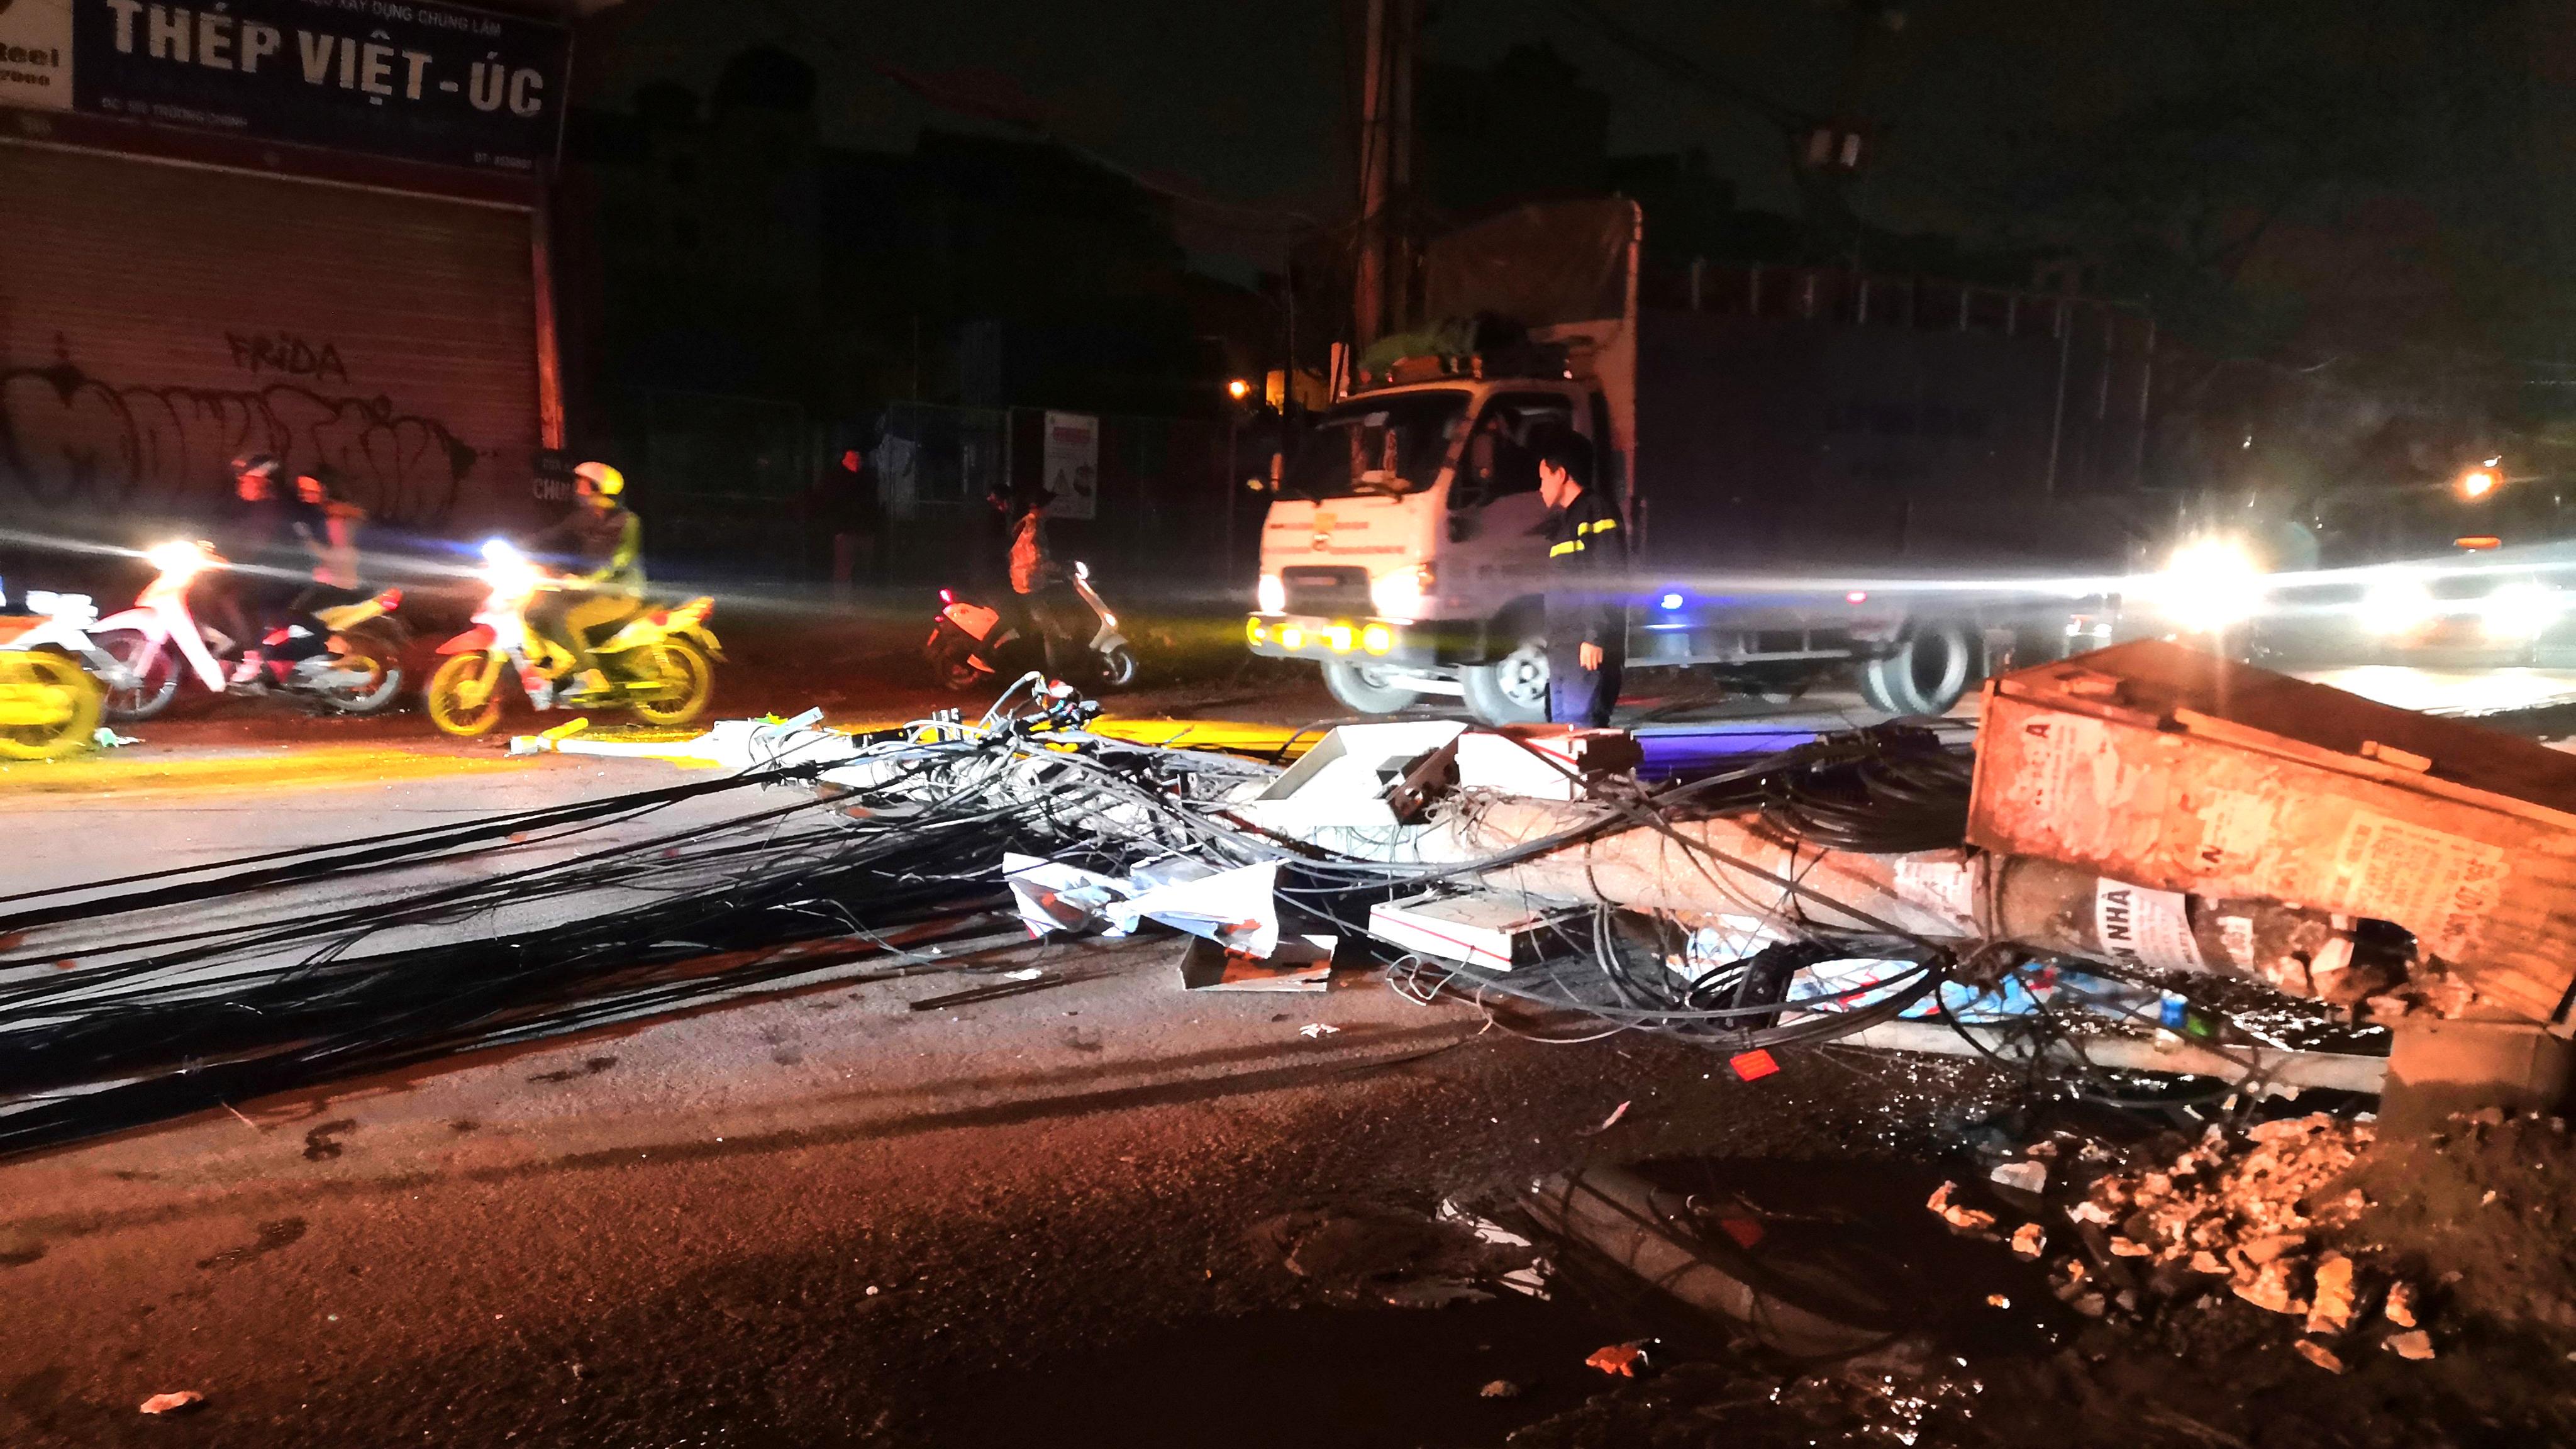 Xe bồn chở xăng kéo đổ 4 cột điện trong đêm, nhiều hộ dân mất điện Ảnh 1